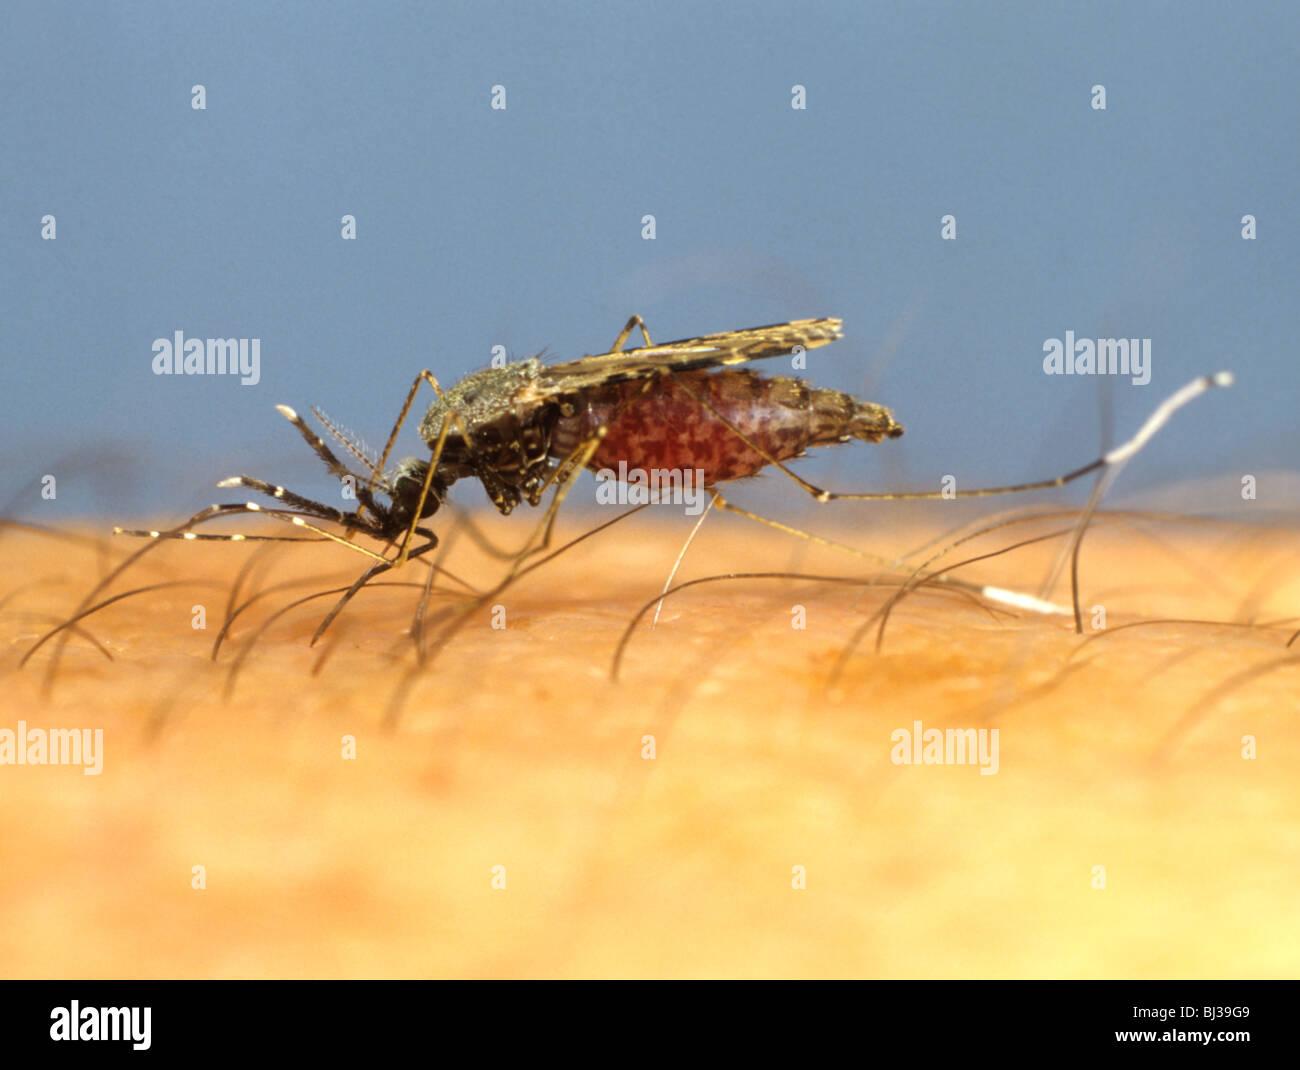 Sud America vettore della malaria (zanzara anopheles albimanus) alimentazione sul braccio umano Immagini Stock